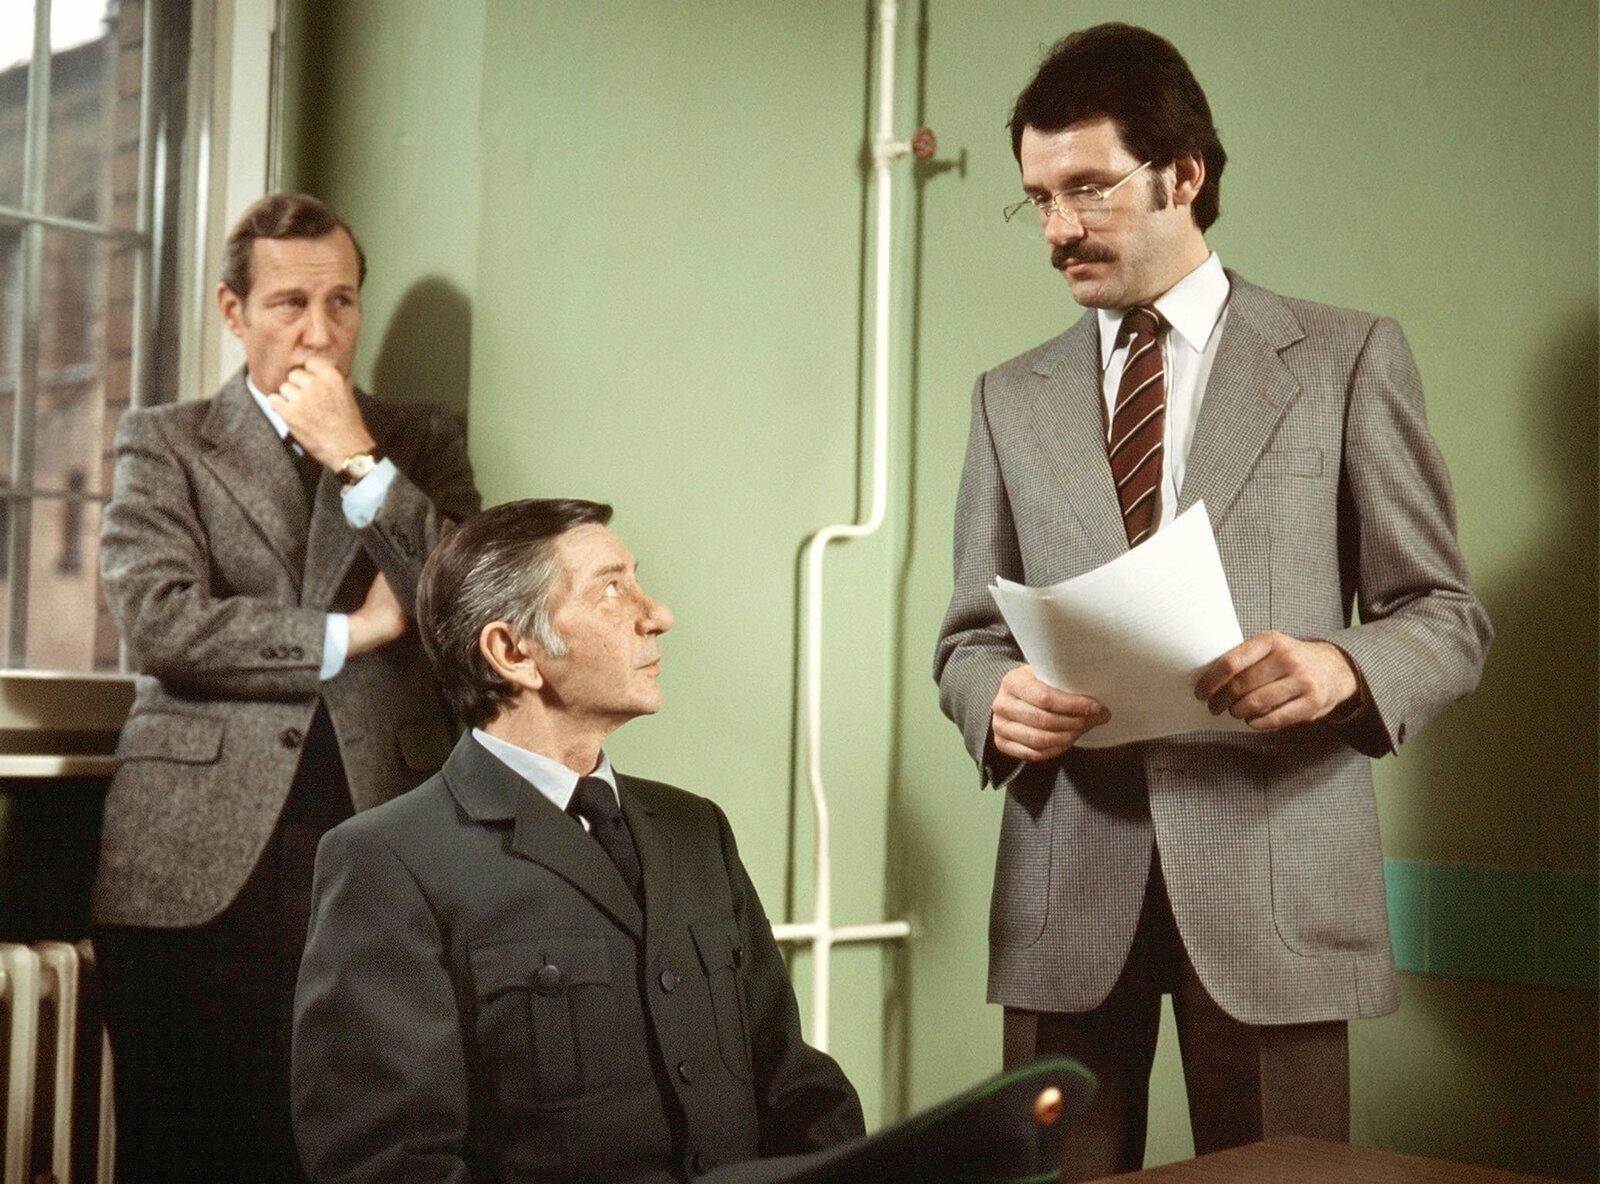 Rudi Jakobs (Herbert Stass) wird von dem Staatsanwalt (Jürgen Draeger) verhört. Kommissar Haferkamp (Hansjörg Felmy) fragt sich, ob Jakobs bei dem Gefängnisausbruch einen der Häftlinge fahrlässig erschossen haben könnte. – Bild: WDR